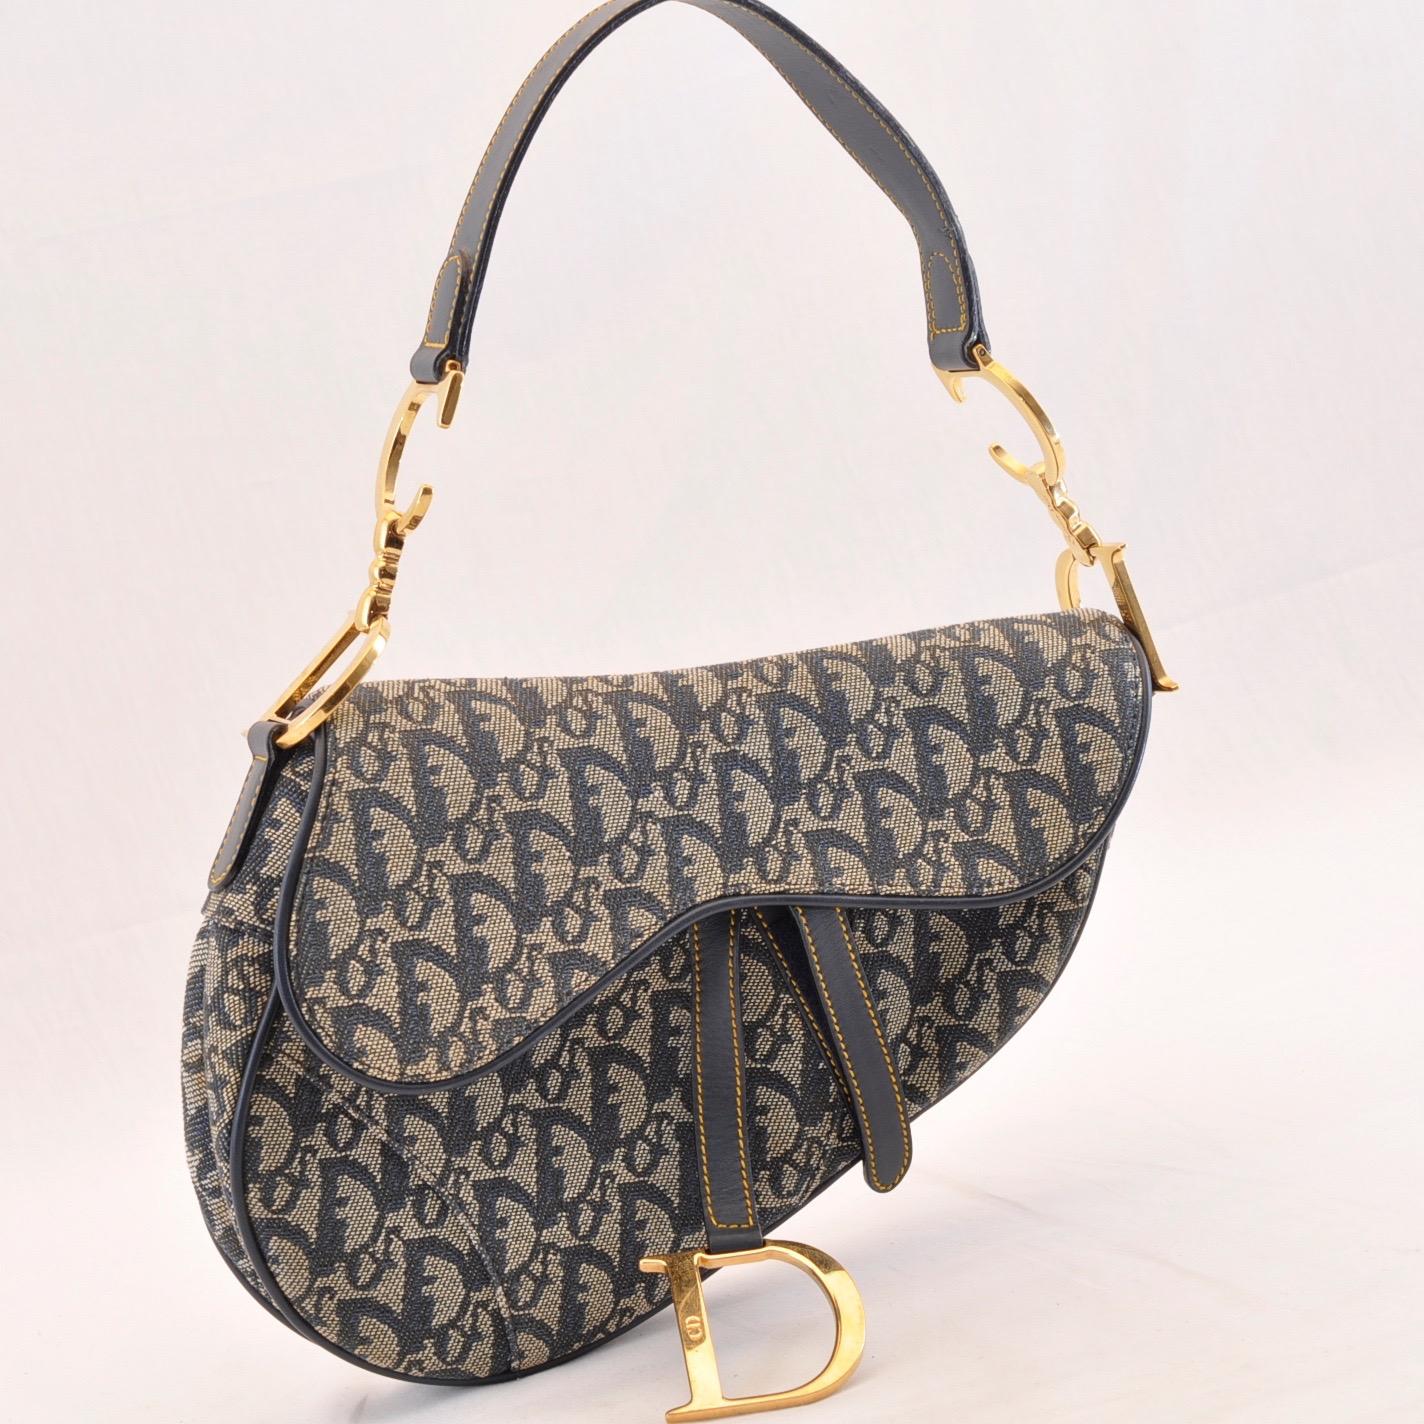 0850405ad Christian Dior Trotter Canvas Saddle Bag Hand Bag Navy Auth sa1778 ...